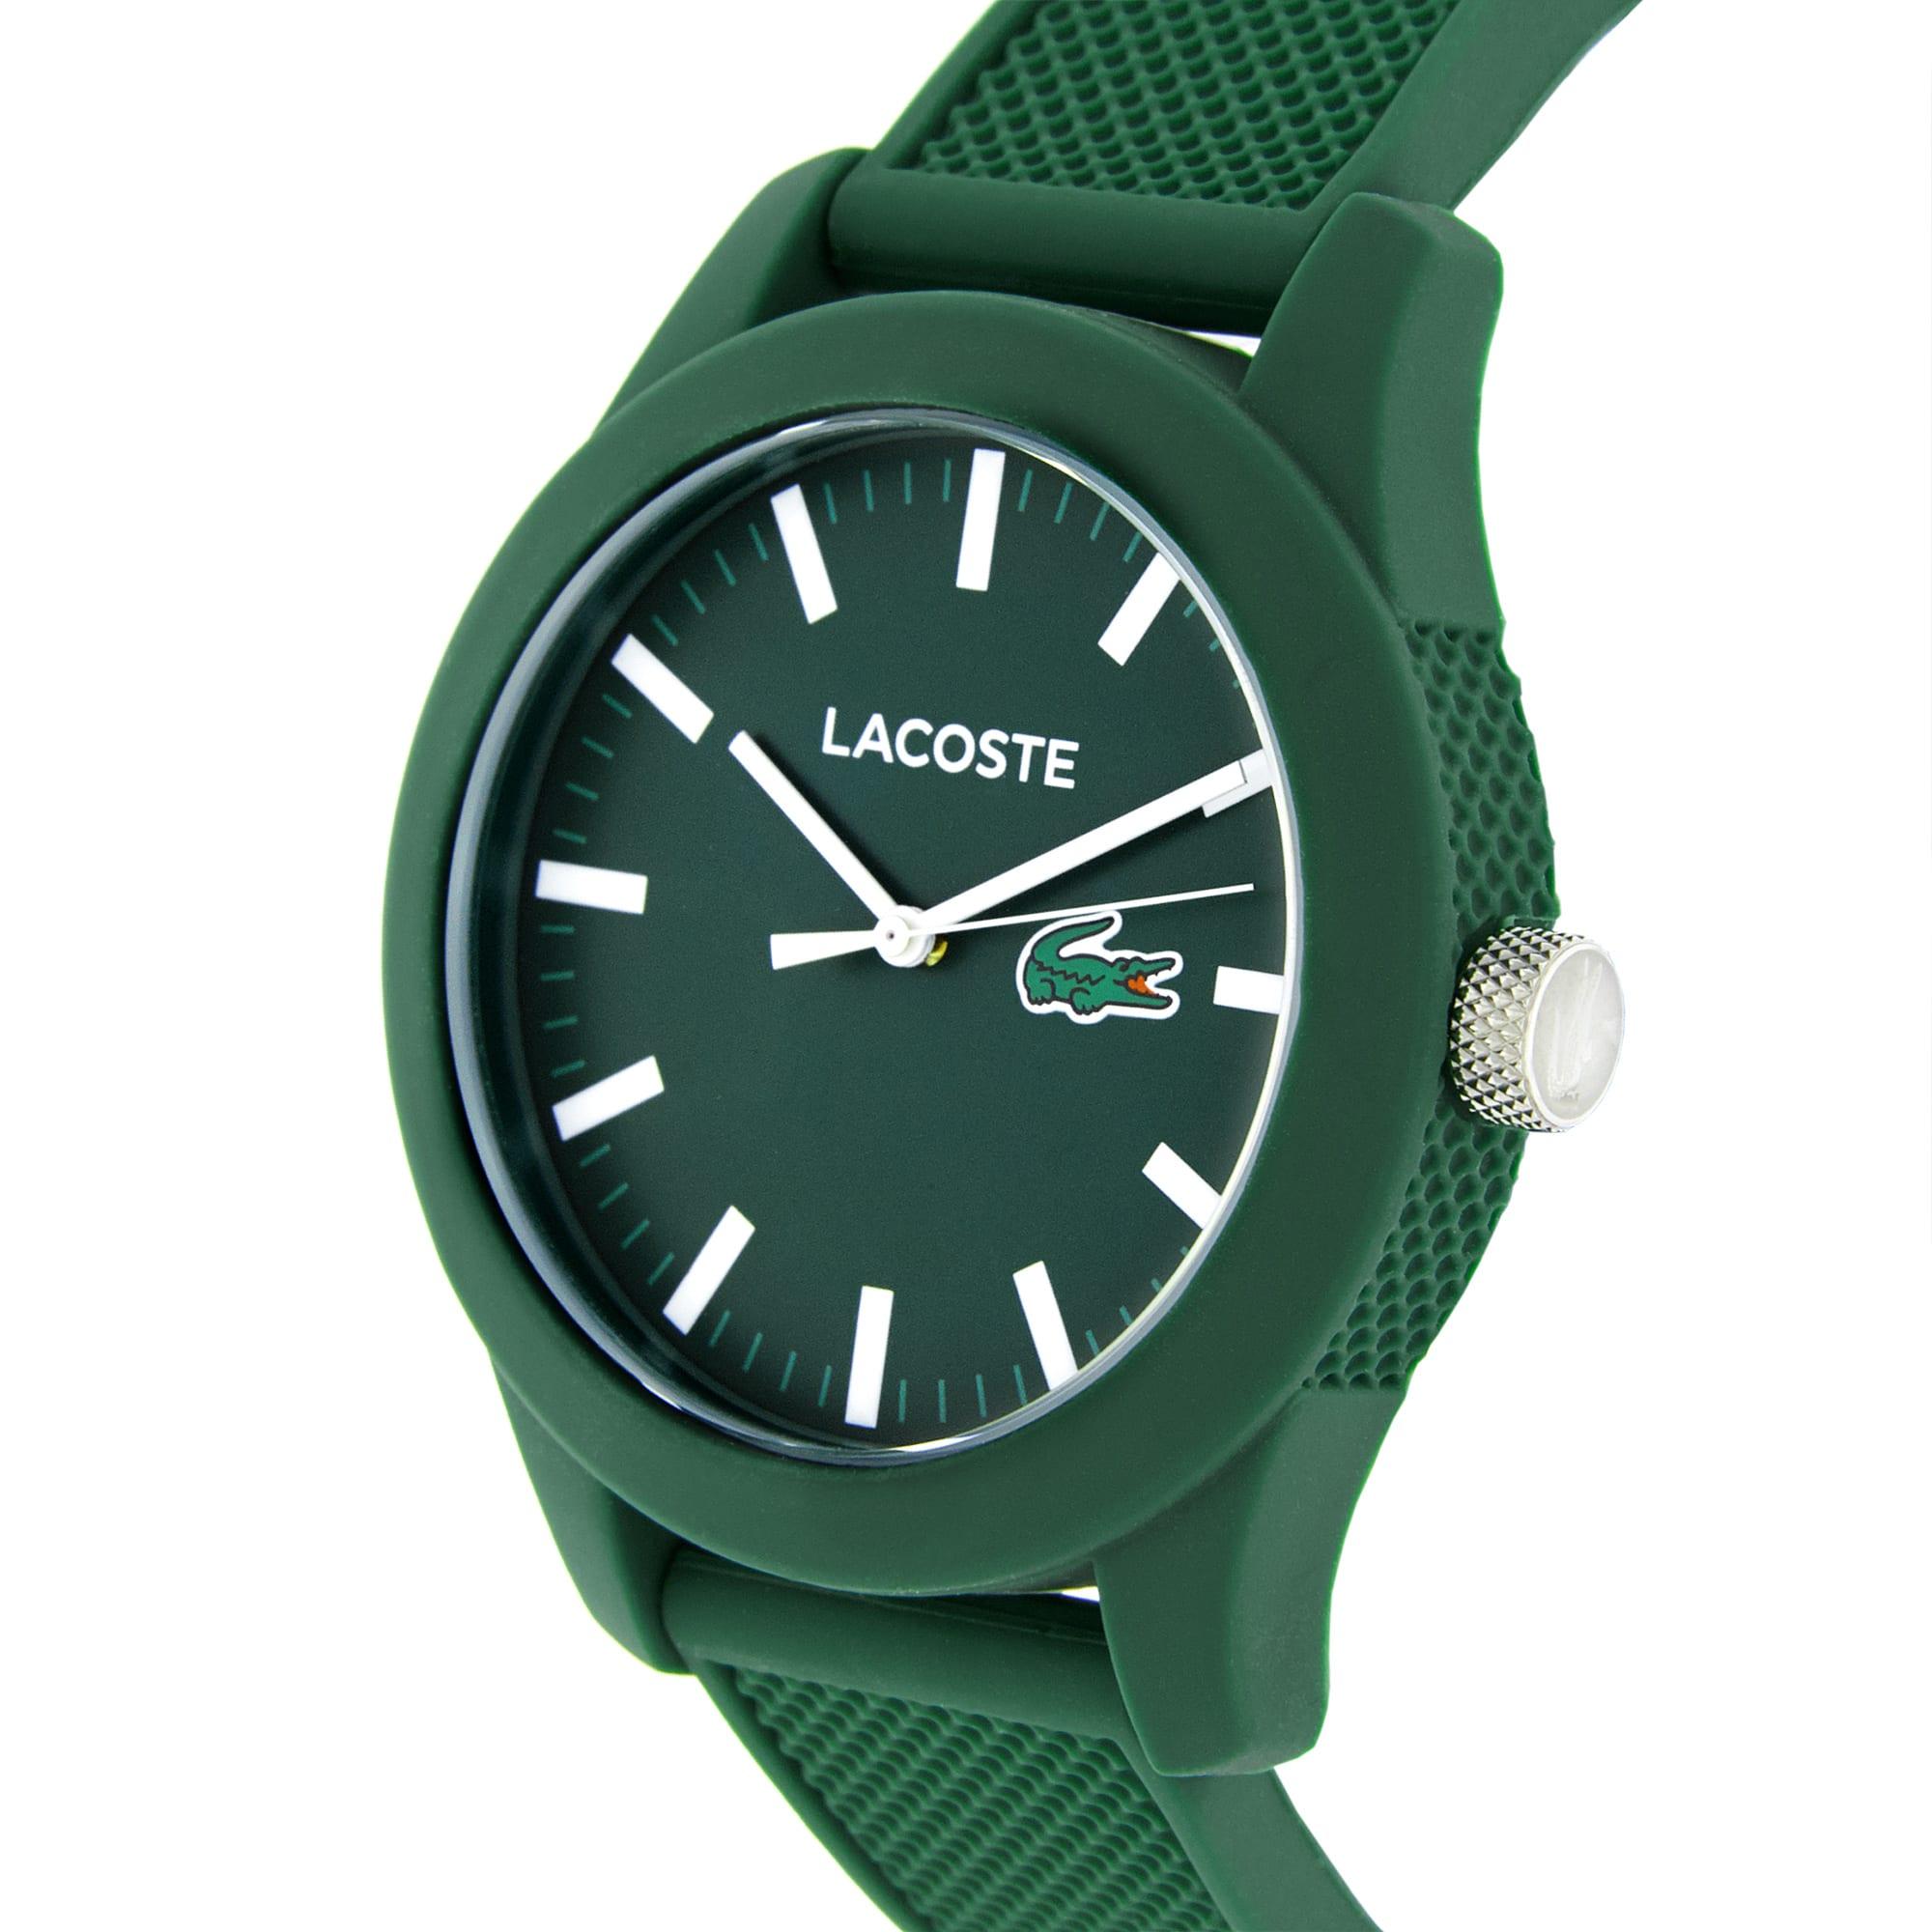 Reloj de Hombre Lacoste 12.12 con Correa de Silicona Verde